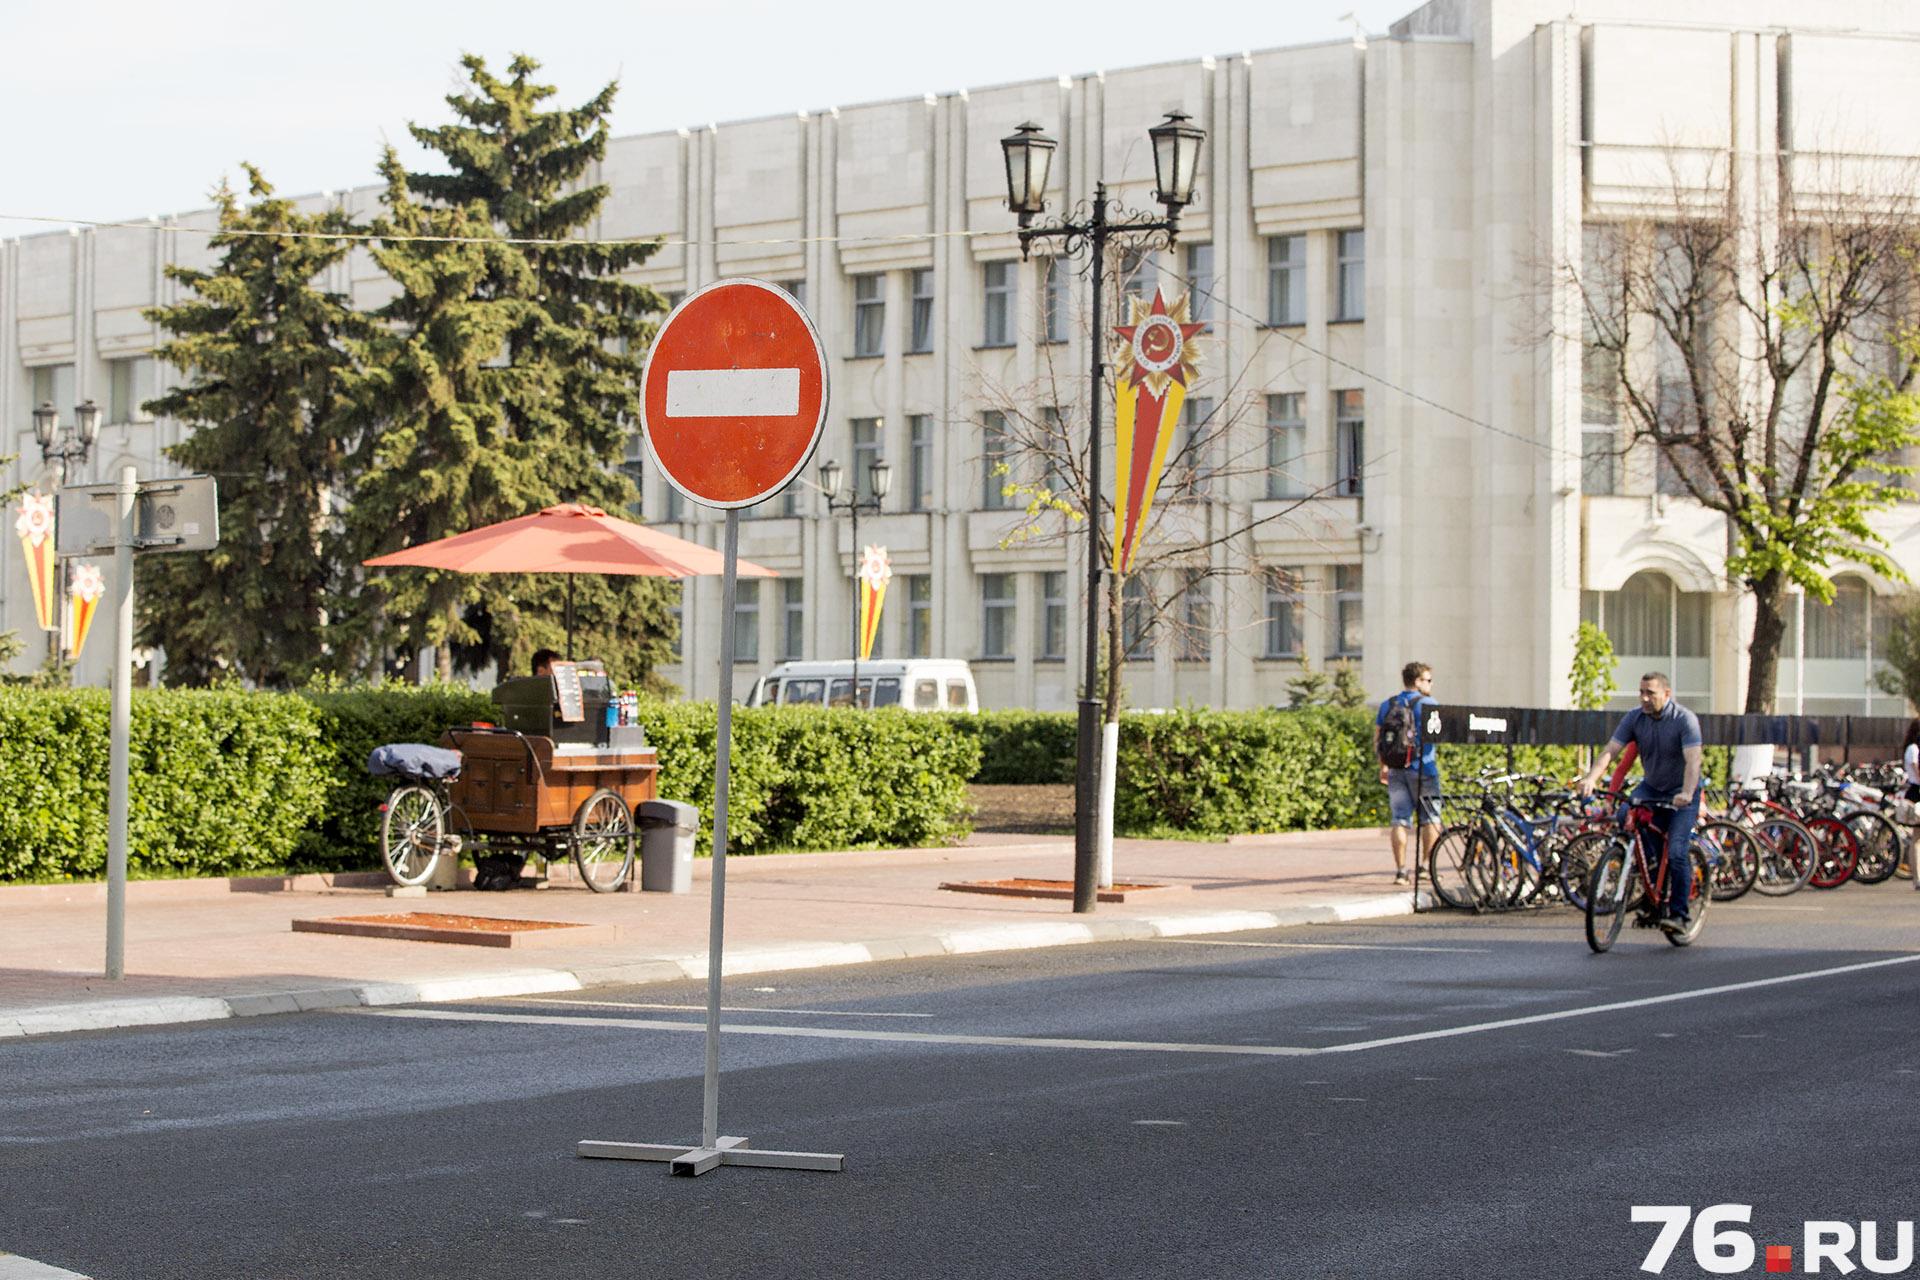 Ради акции перекрыли часть улицы у мэрии и поставили огромную велопарковку